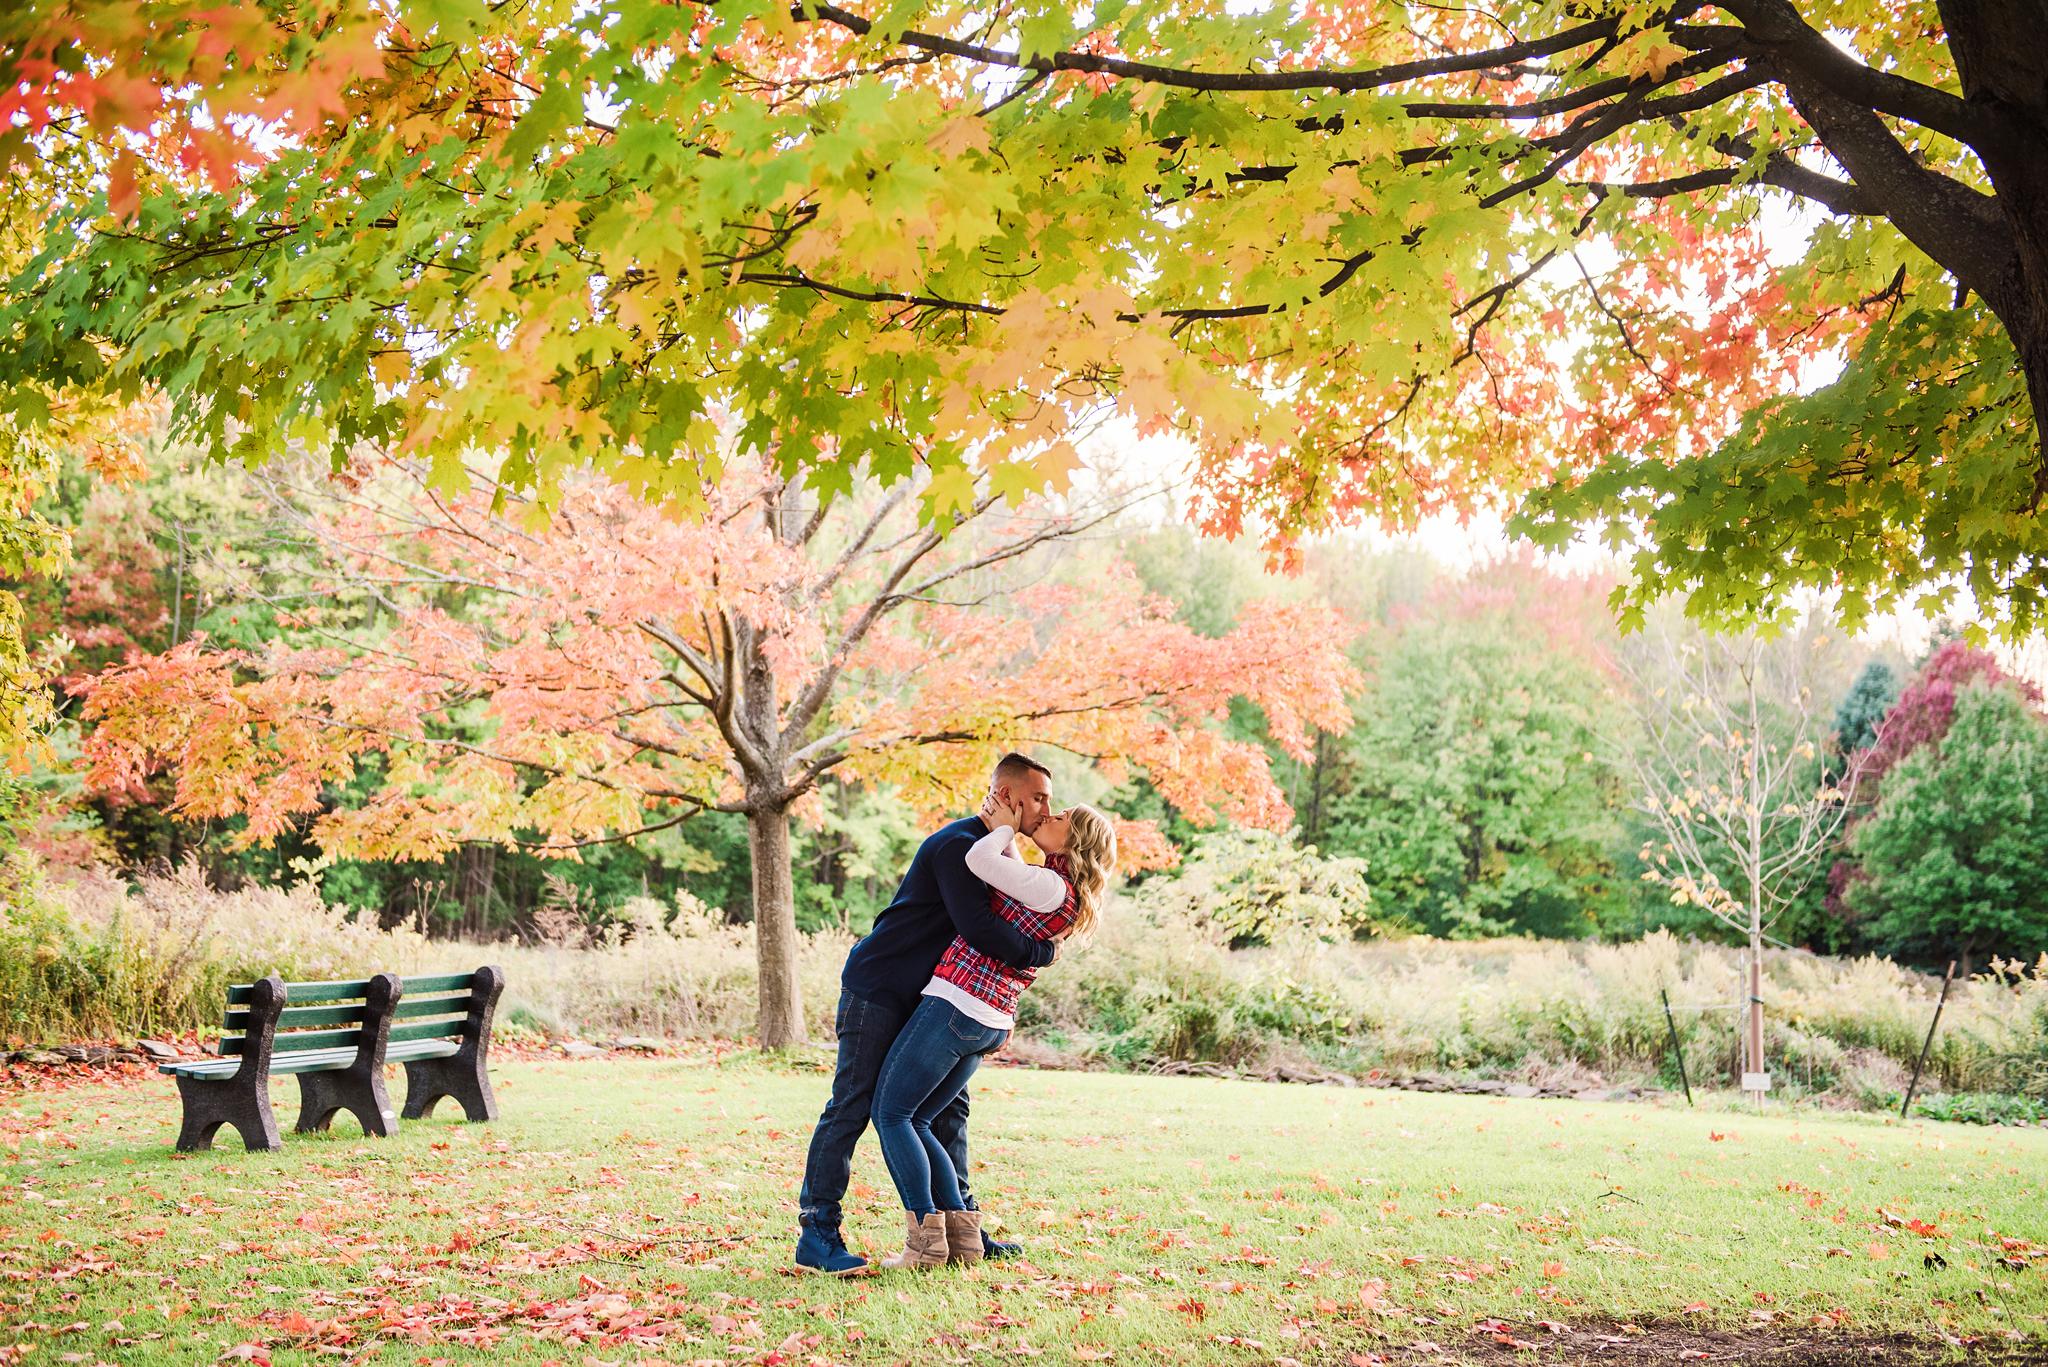 Tinker_Nature_Park_Rochester_Couples_Session_JILL_STUDIO_Rochester_NY_Photographer_DSC_4923.jpg